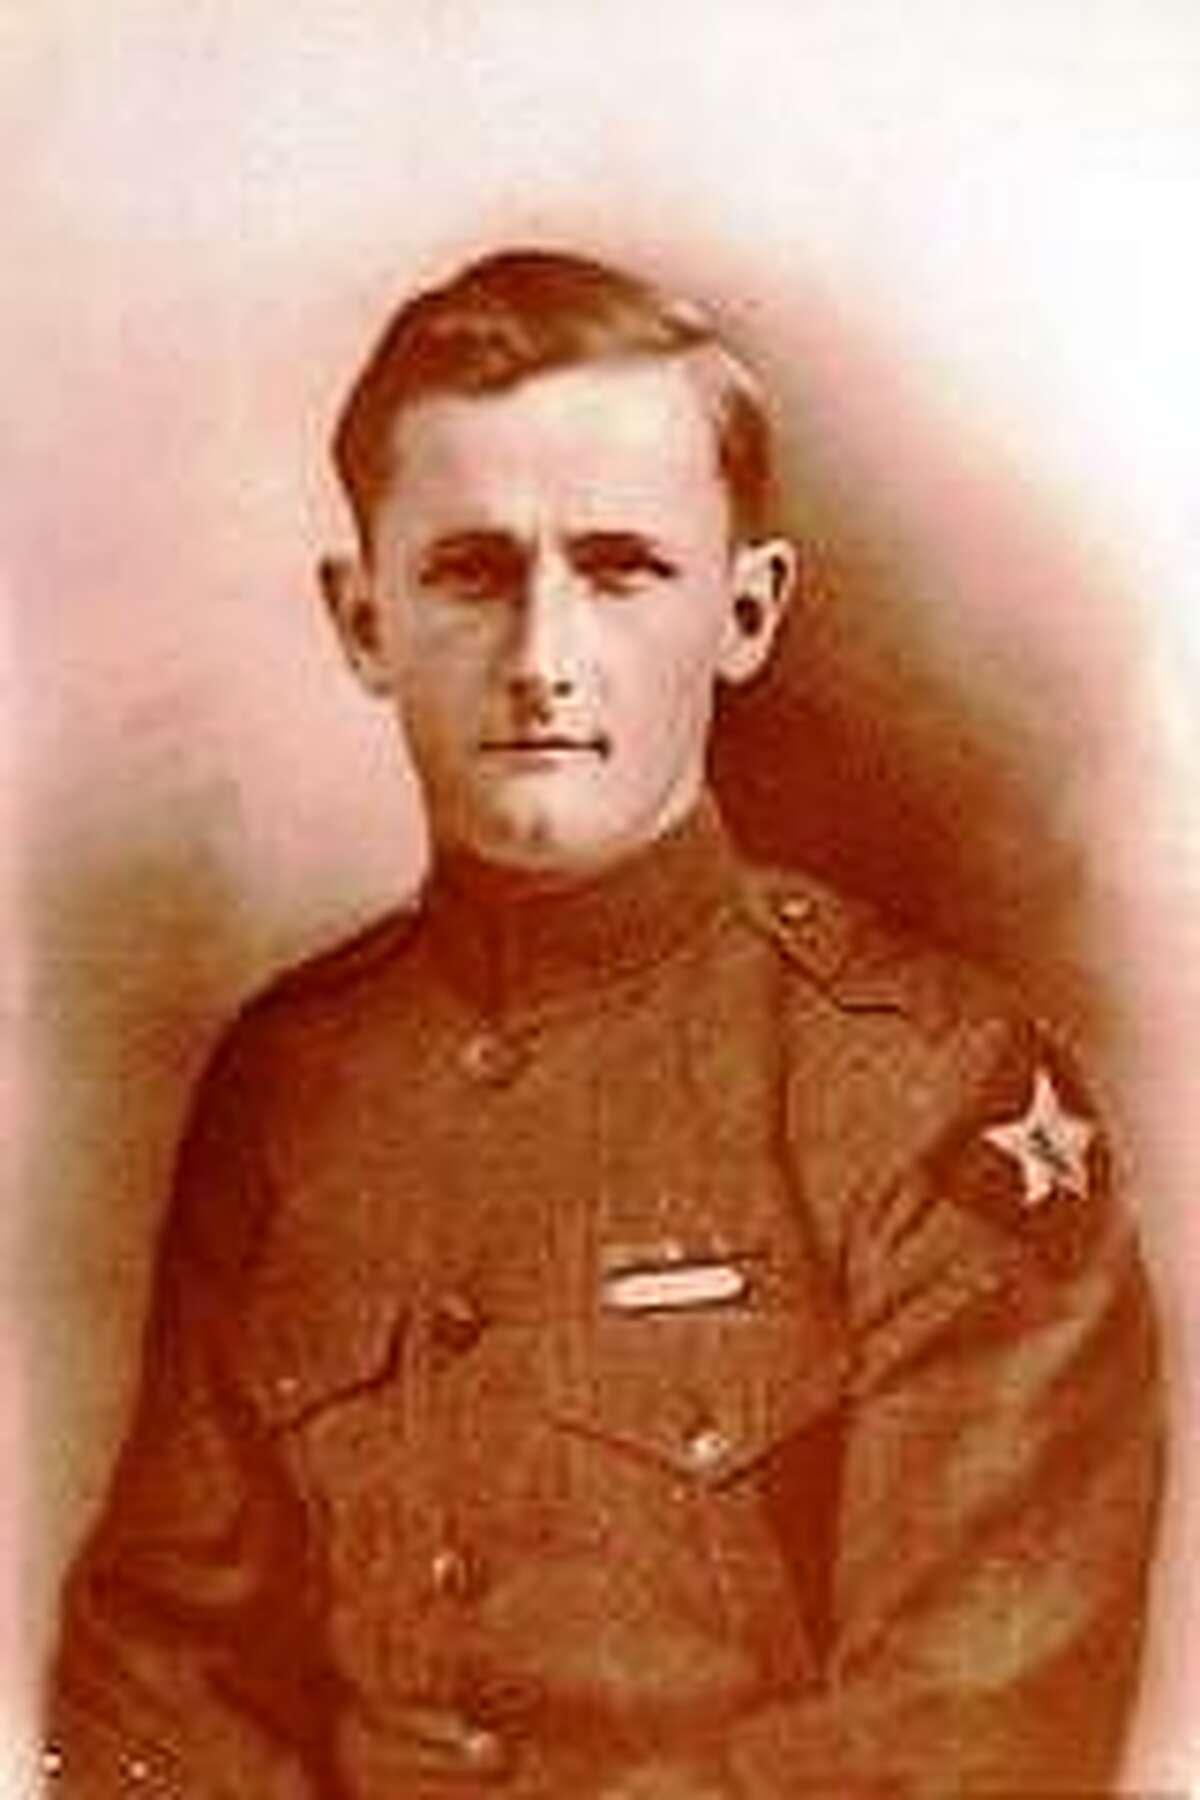 Post 86 namesake James B. Whipple, killed in action in France, June 3, 1918.